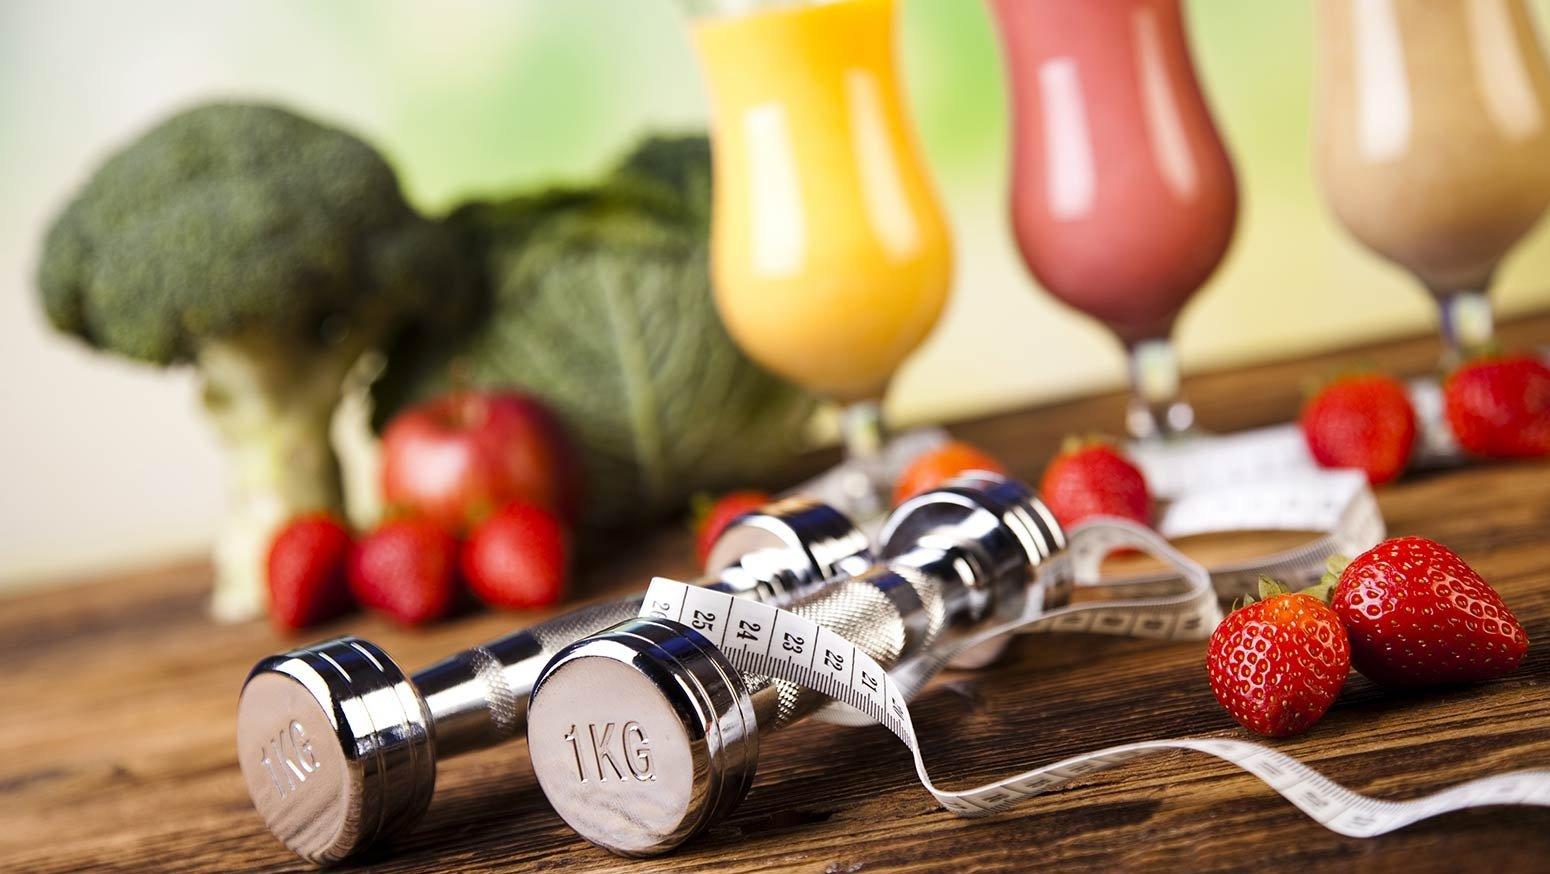 Redukcja tkanki tłuszczowej bez utraty masy mięśniowej